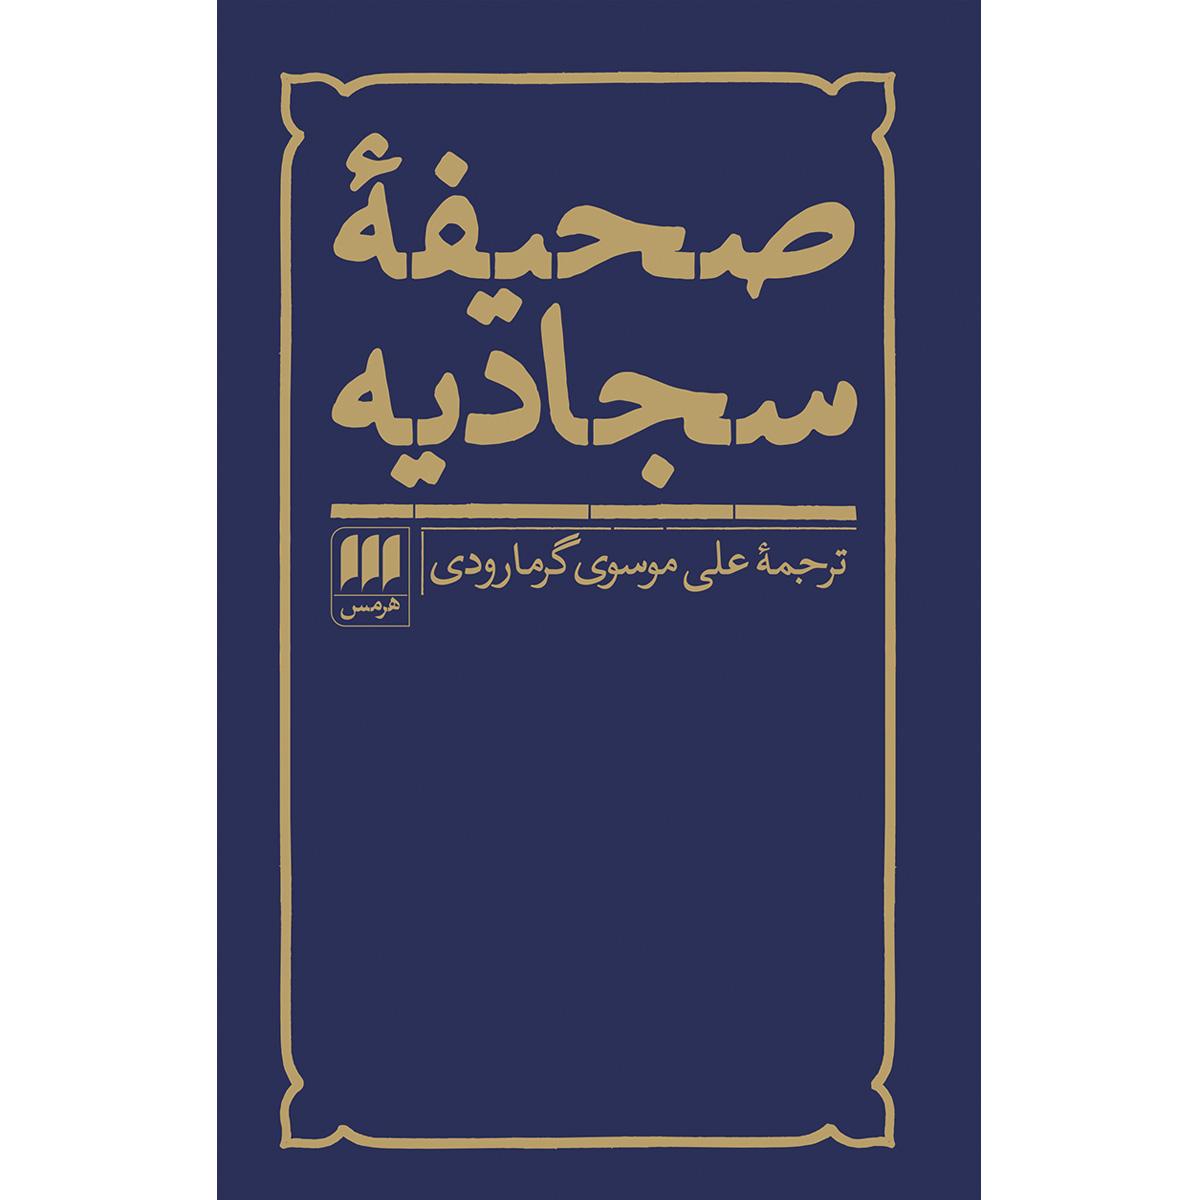 خرید                      کتاب صحیفه سجادیه ترجمه علی موسوی گرمارودی انتشارات هرمس